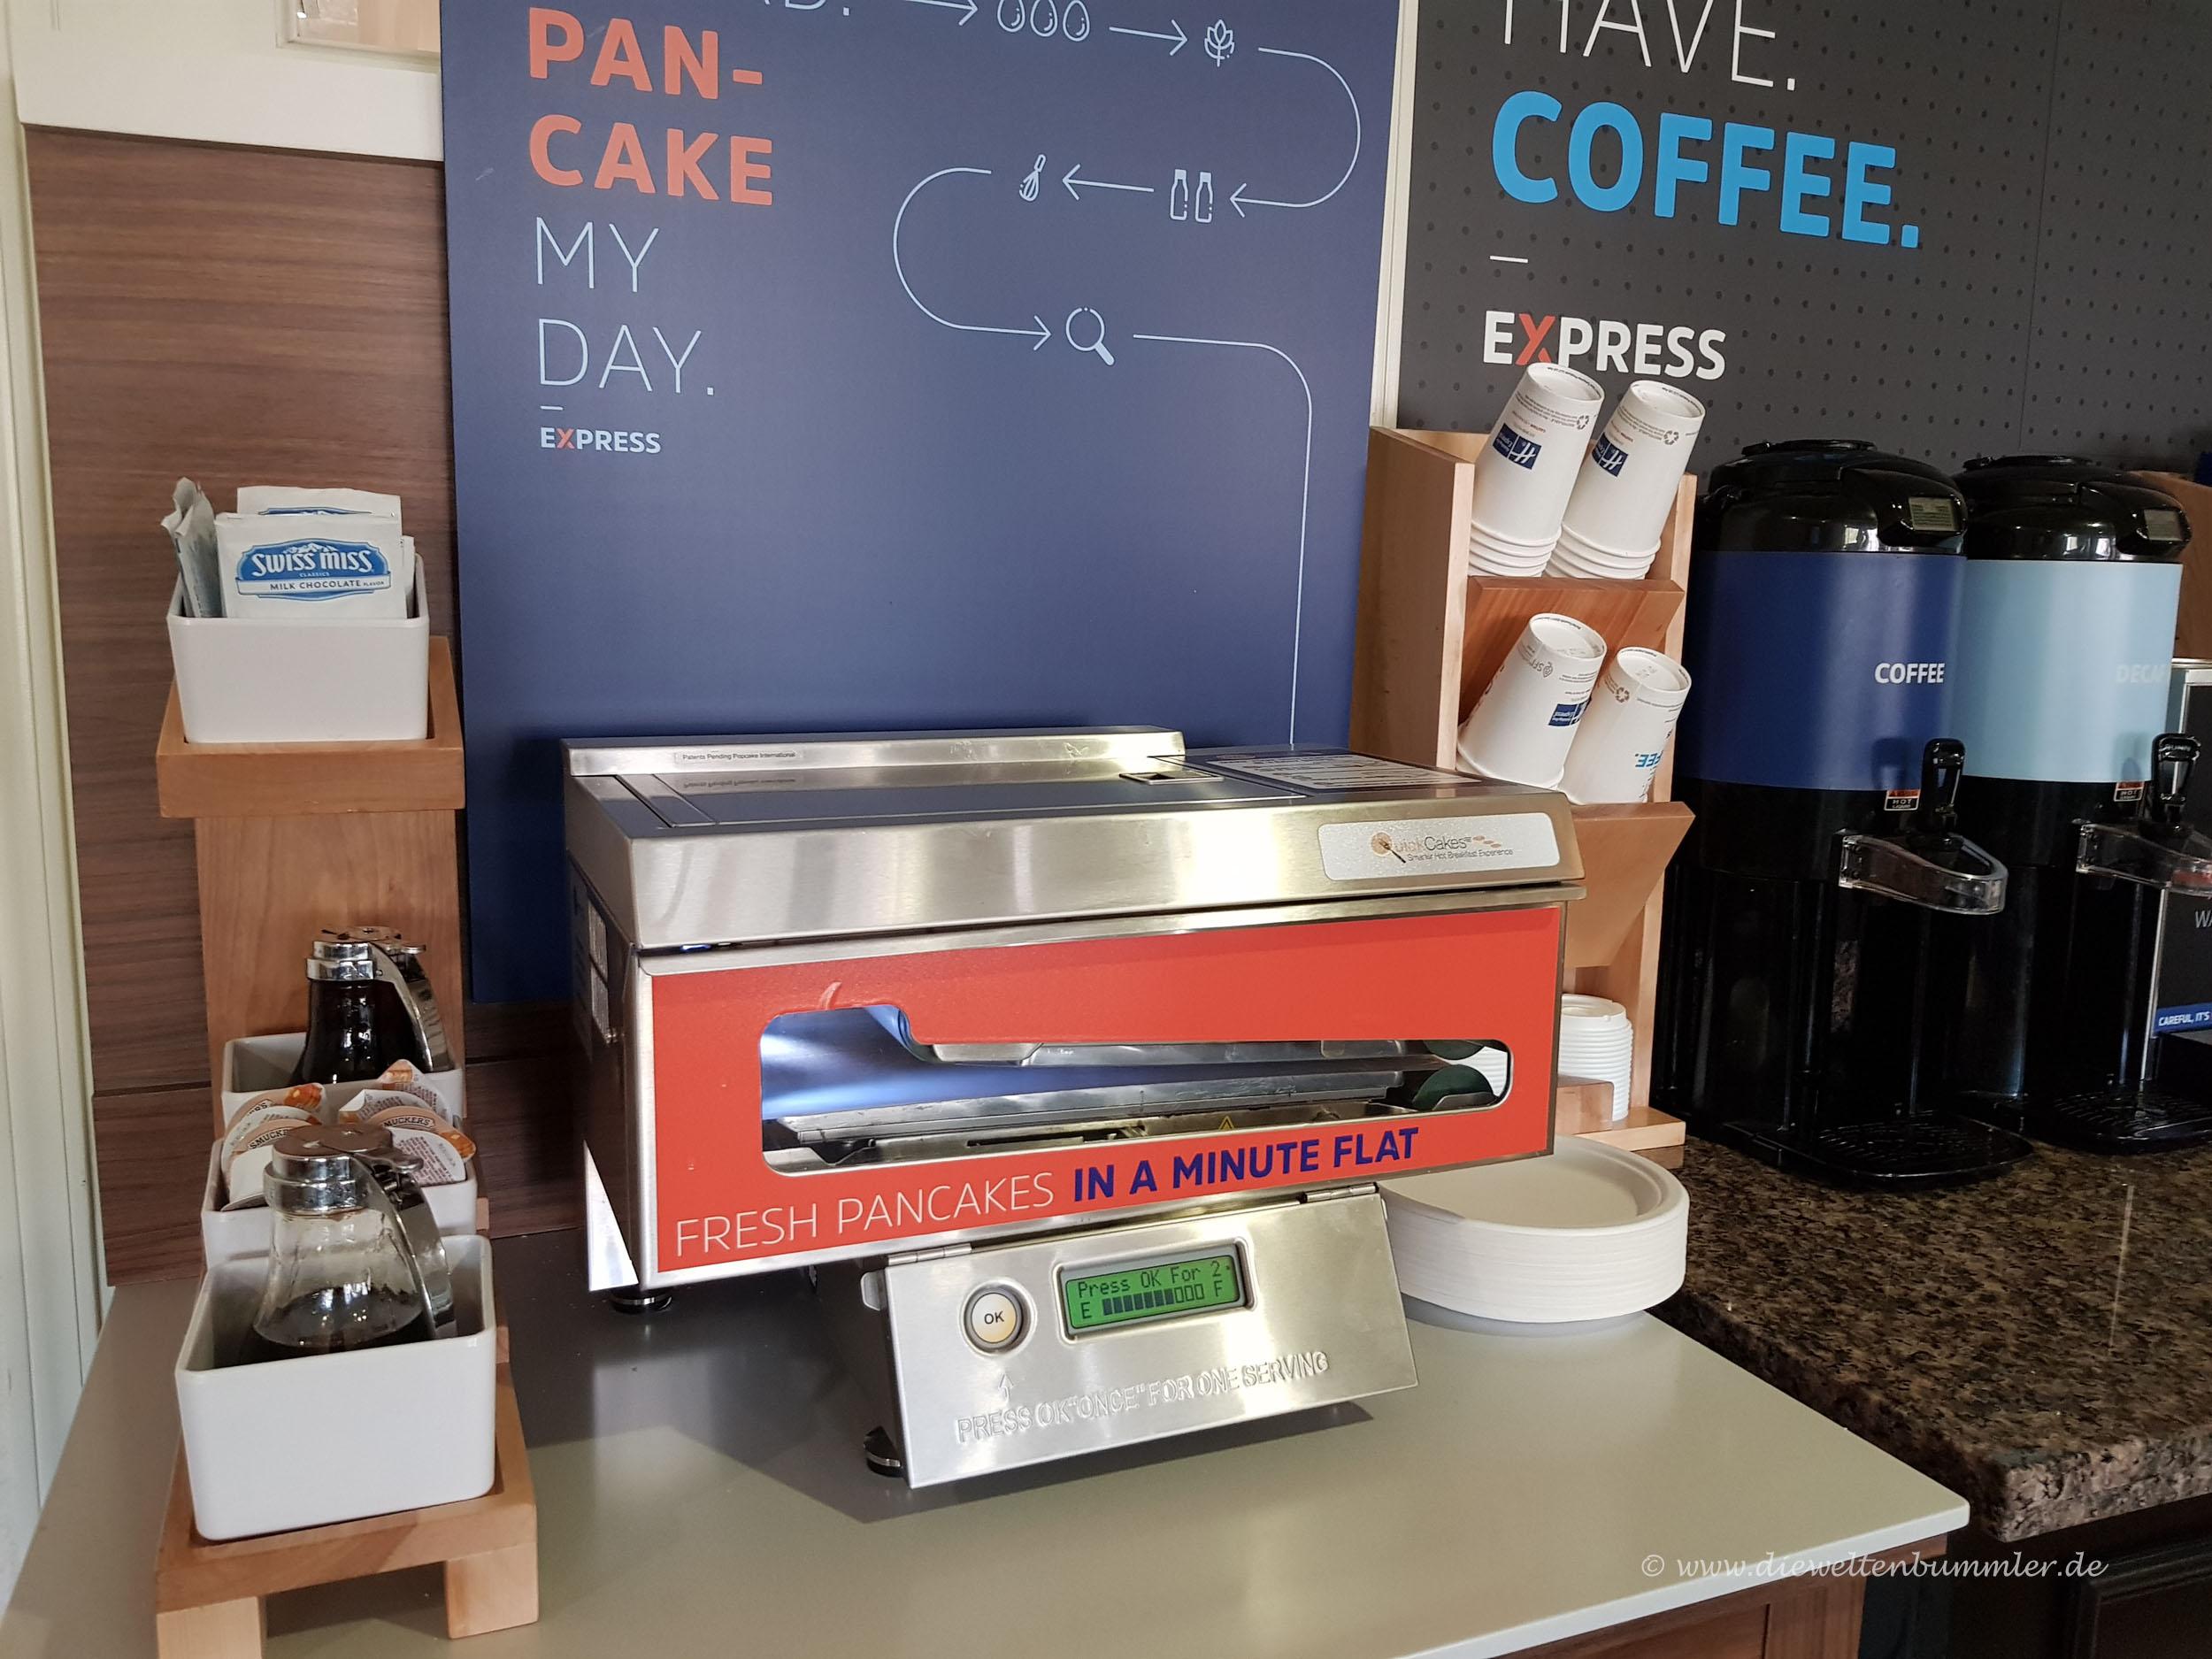 Klassischer Pancake-Automat im Hotel